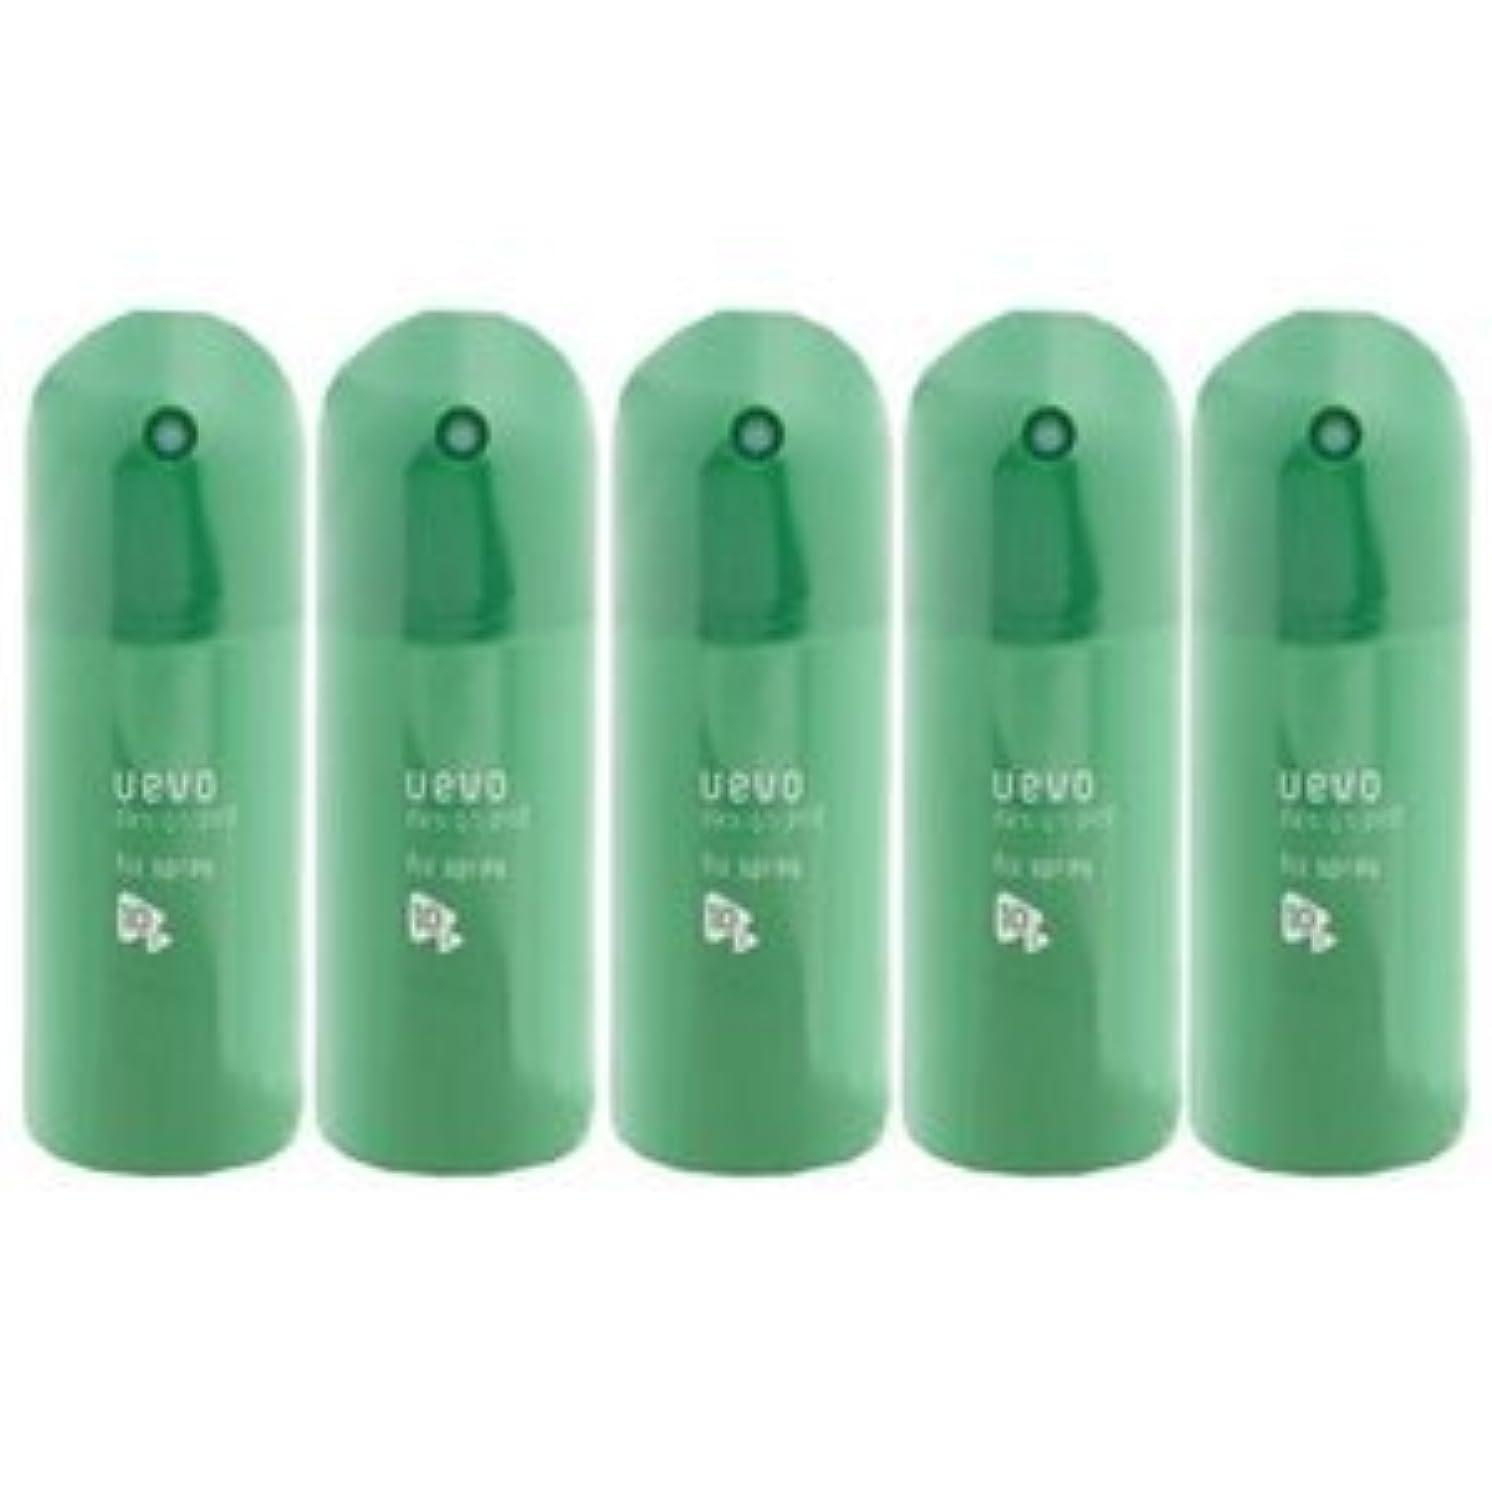 合理化やめる男性【X5個セット】 デミ ウェーボ デザインポッド フィックススプレー 220ml fix spray